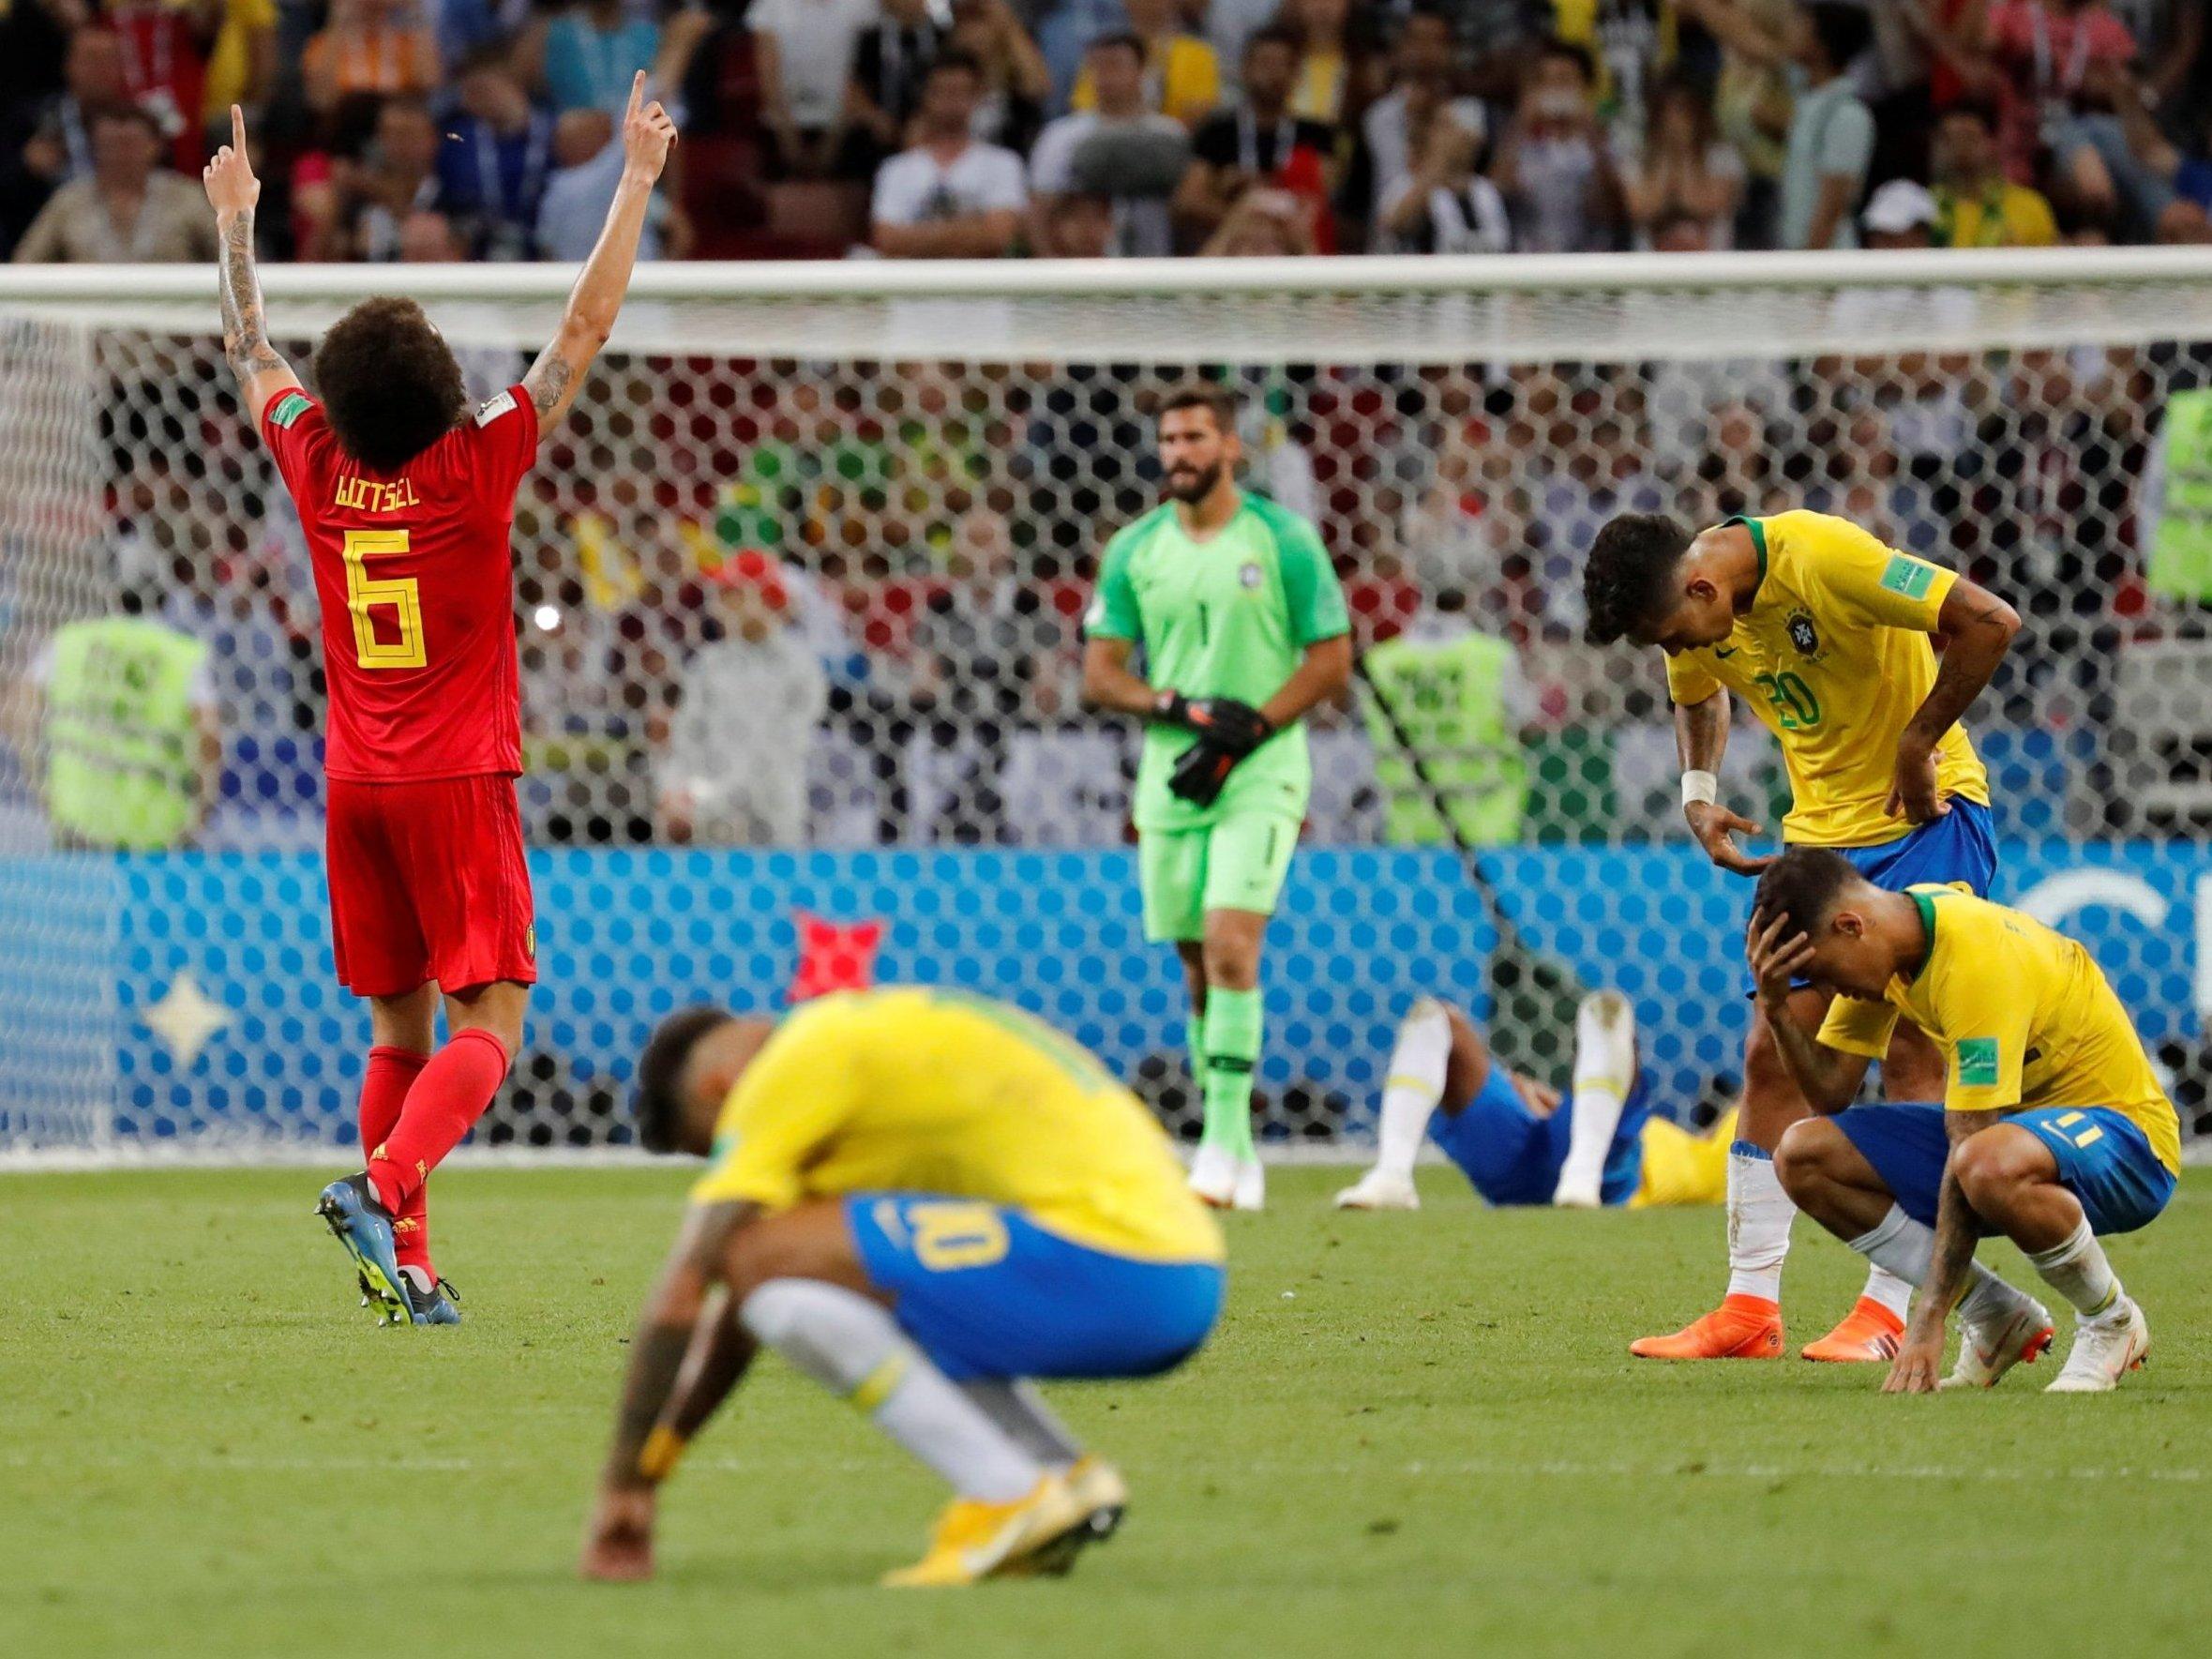 Brazil Seleção Comes to Terms with Loss in the 2018 World Cup, Seleção, Neymar, Brazil, World Cup, Russia, Rio de Janeiro, Brazil News